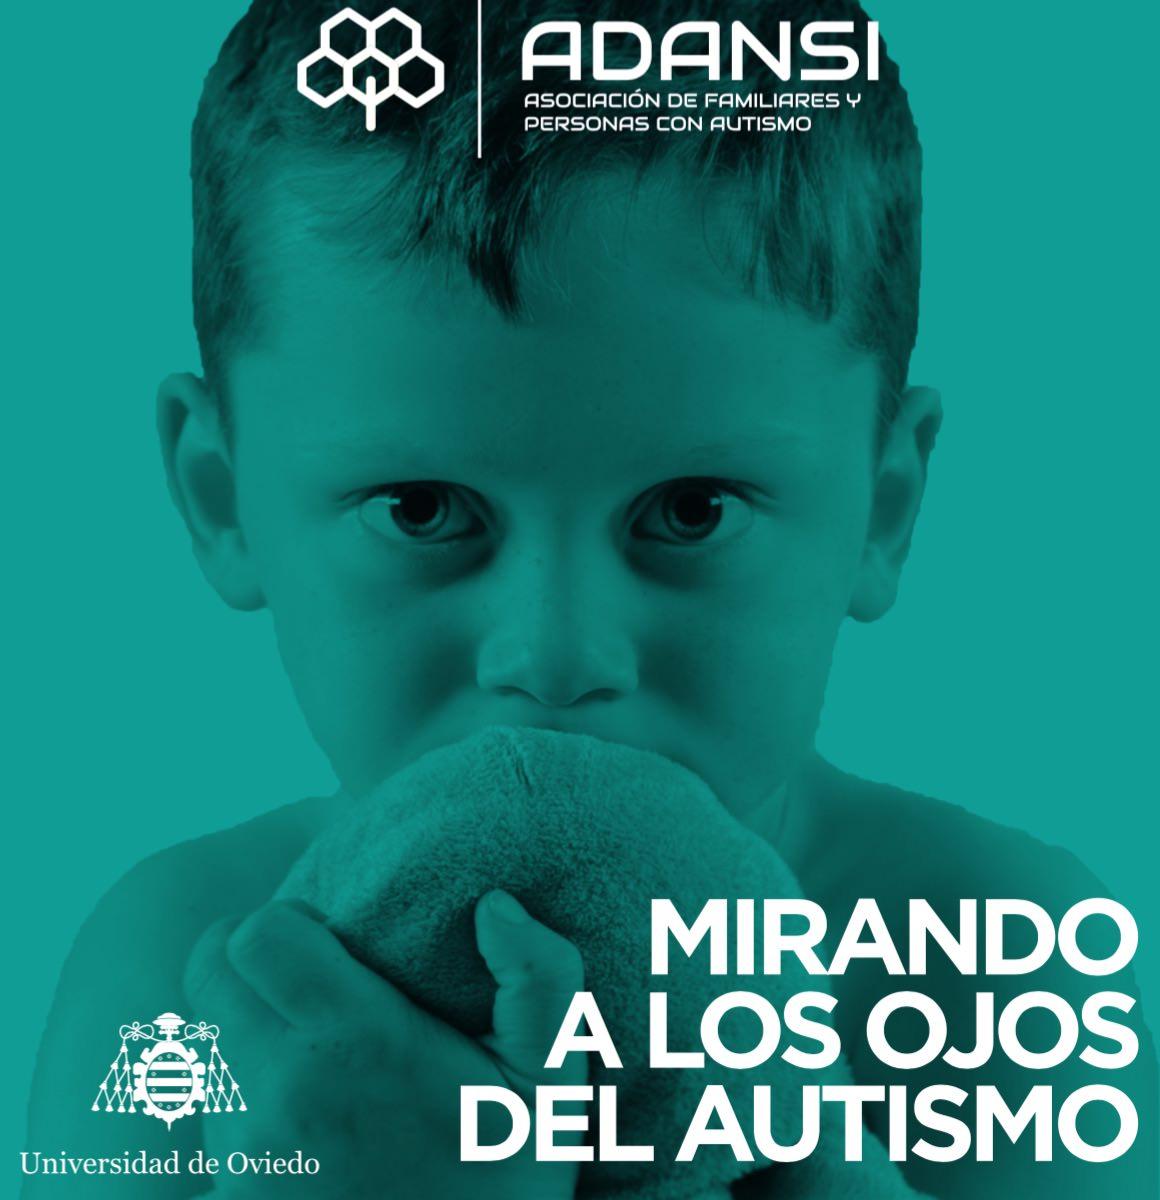 Mirando-a -los-ojos-del-autismo-adansi